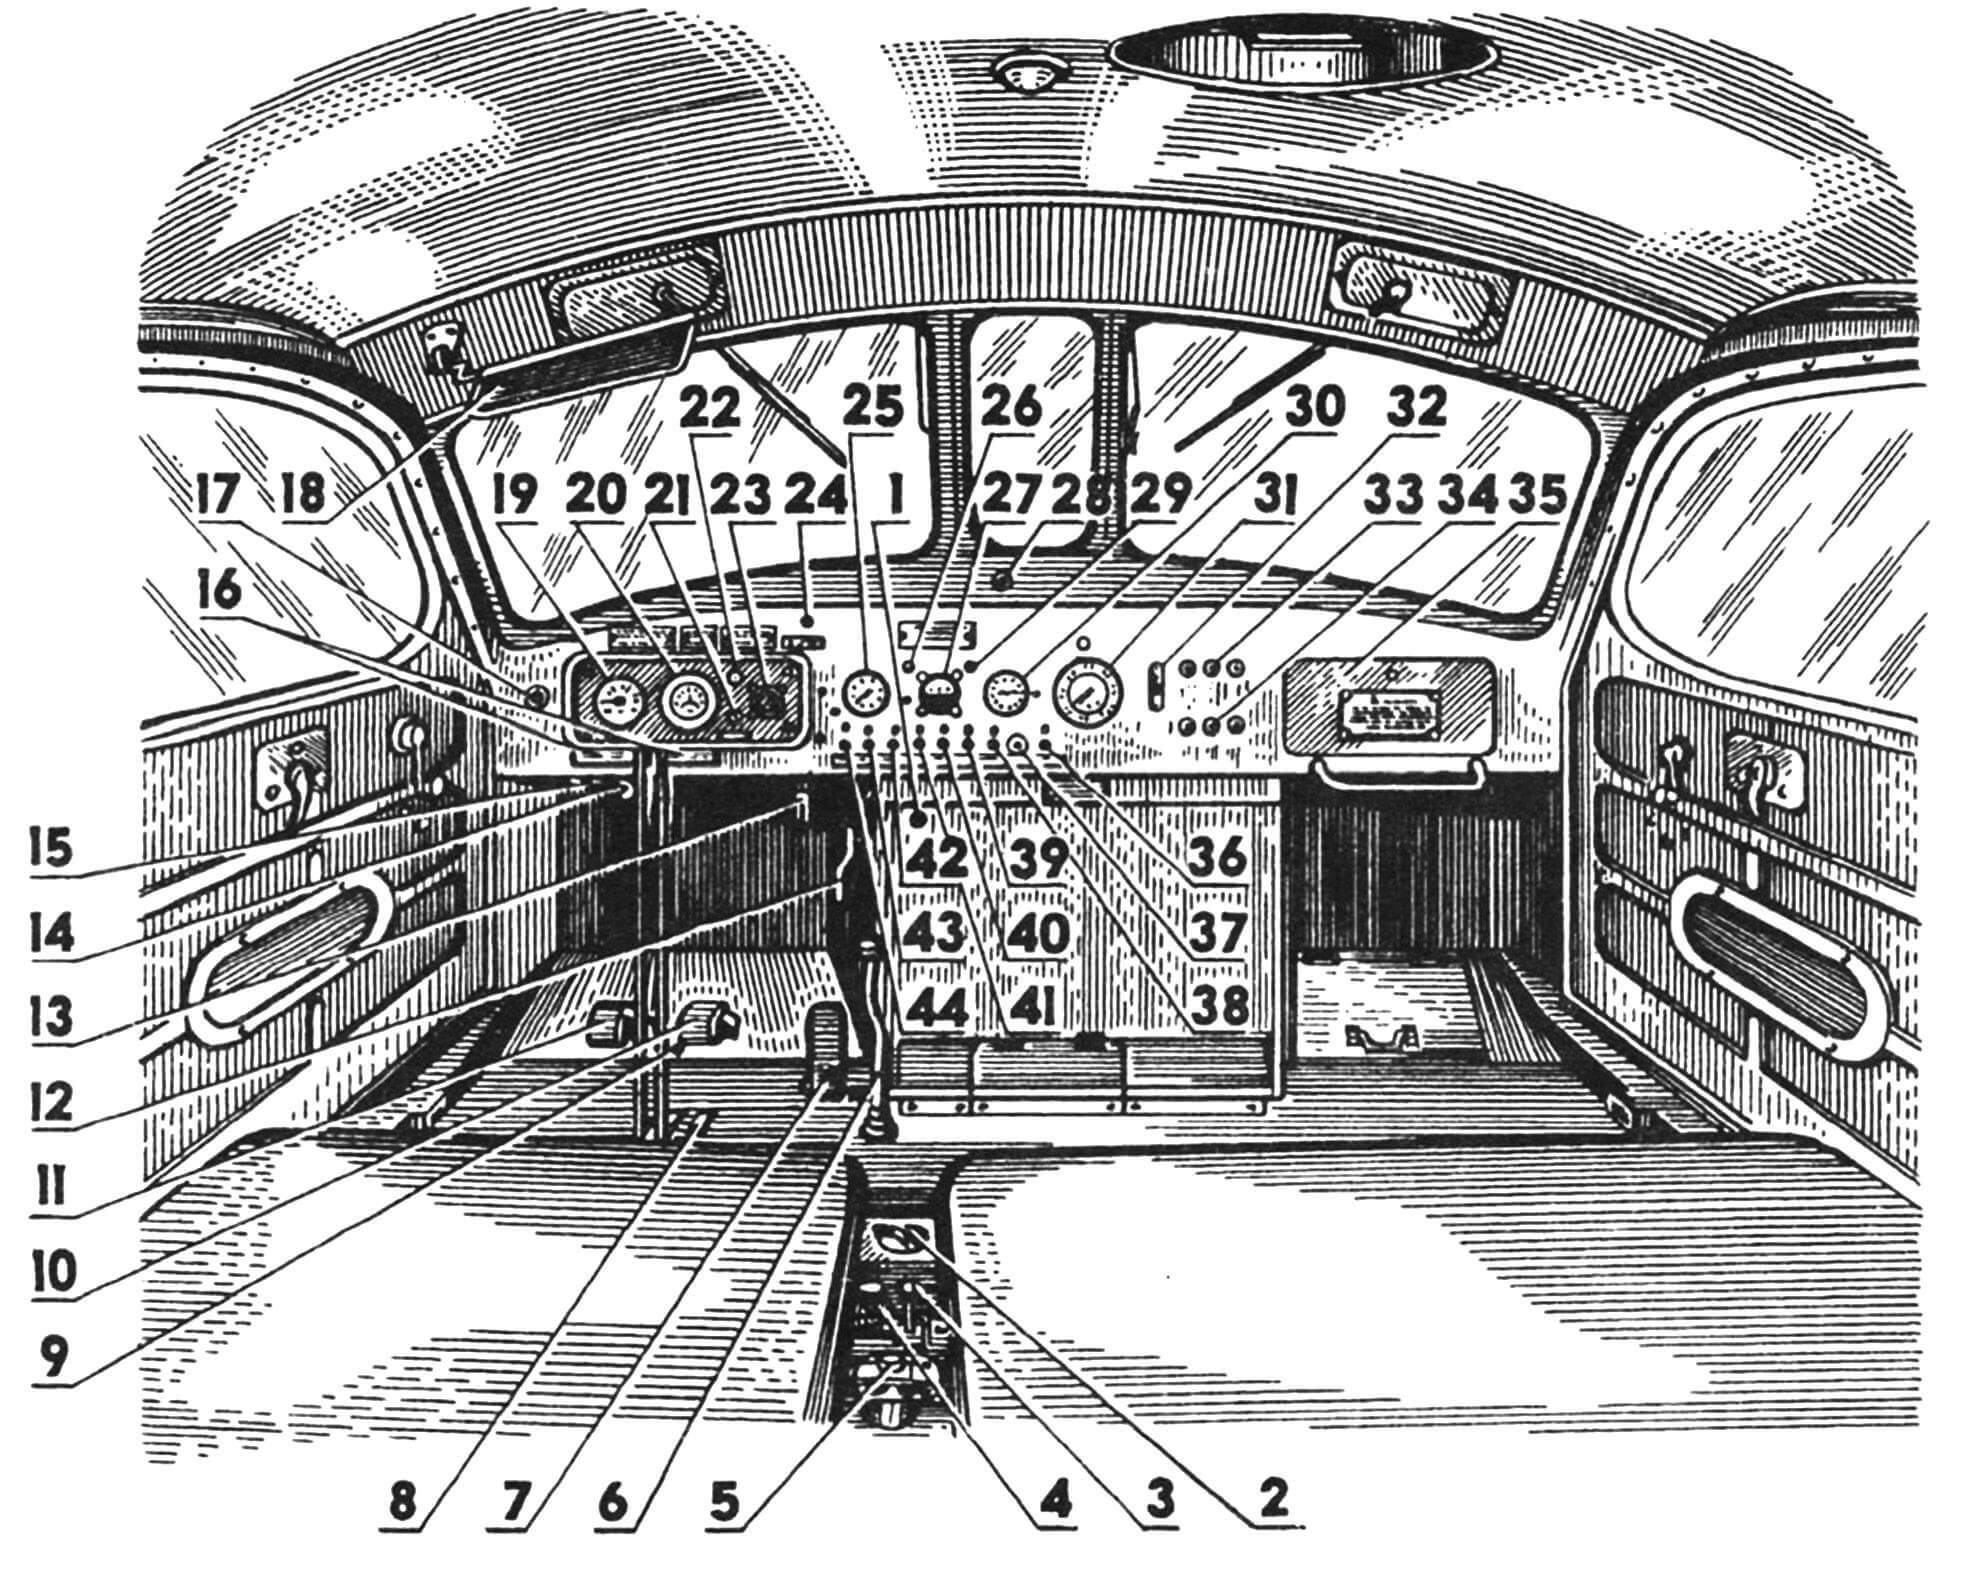 Органы управления и контроля: 1 — кнопка остановки двигателя; 2 — кран топливораспределительный; 3 — рычаг выключения барабана лебедки; 4 — насос топливный, ручной; 5 — выключатель массы; 6 — рычаг переключения передач; 7 — педаль ножного привода топливоподачи; 8 — рычаг управления реверсом лебедки; 9 — фиксатор горного тормоза; 10 — педаль тормоза; 11 — педаль главного фрикциона; 12 — рычаг ручного привода подачи топлива; 13 —рычаг управления жалюзи; 14 — розетка аварийного освещения; 15 — кнопка стартера; 16 — рычаги управления механизмами поворота; 17 — кнопка сигнала; 18 — козырек противосолнечный; 19 — спидометр; 20 — тахометр; 21, 24, 37 — лампы контрольные; 22, 26, 29 — лампы освещения щитка приборов; 23 — термометр; 25 — манометр масляный; 27 — вольтамперметр; 28 — розетка питания прибора ночного видения; 30 — указатель уровня топлива в баках; 31 — манометр воздушный; 32 — переключатель режимов светомаскировки; 33 — фонарь сигнализации; 34 — кнопка сигнализации; 35 — ящик для личного имущества; 36 — выключатель катушки зажигания электрофакельного подогрева; 38 — выключатель свечи накала котла подогревателя; 39 — выключатель плафона кабины; 40 — выключатель ламп освещения щитка приборов; 41 — выключатель фары-искателя; 42 — выключатель задних фонарей; 43 — выключатель фар; 44 — кнопка аварийного останова двигателя.